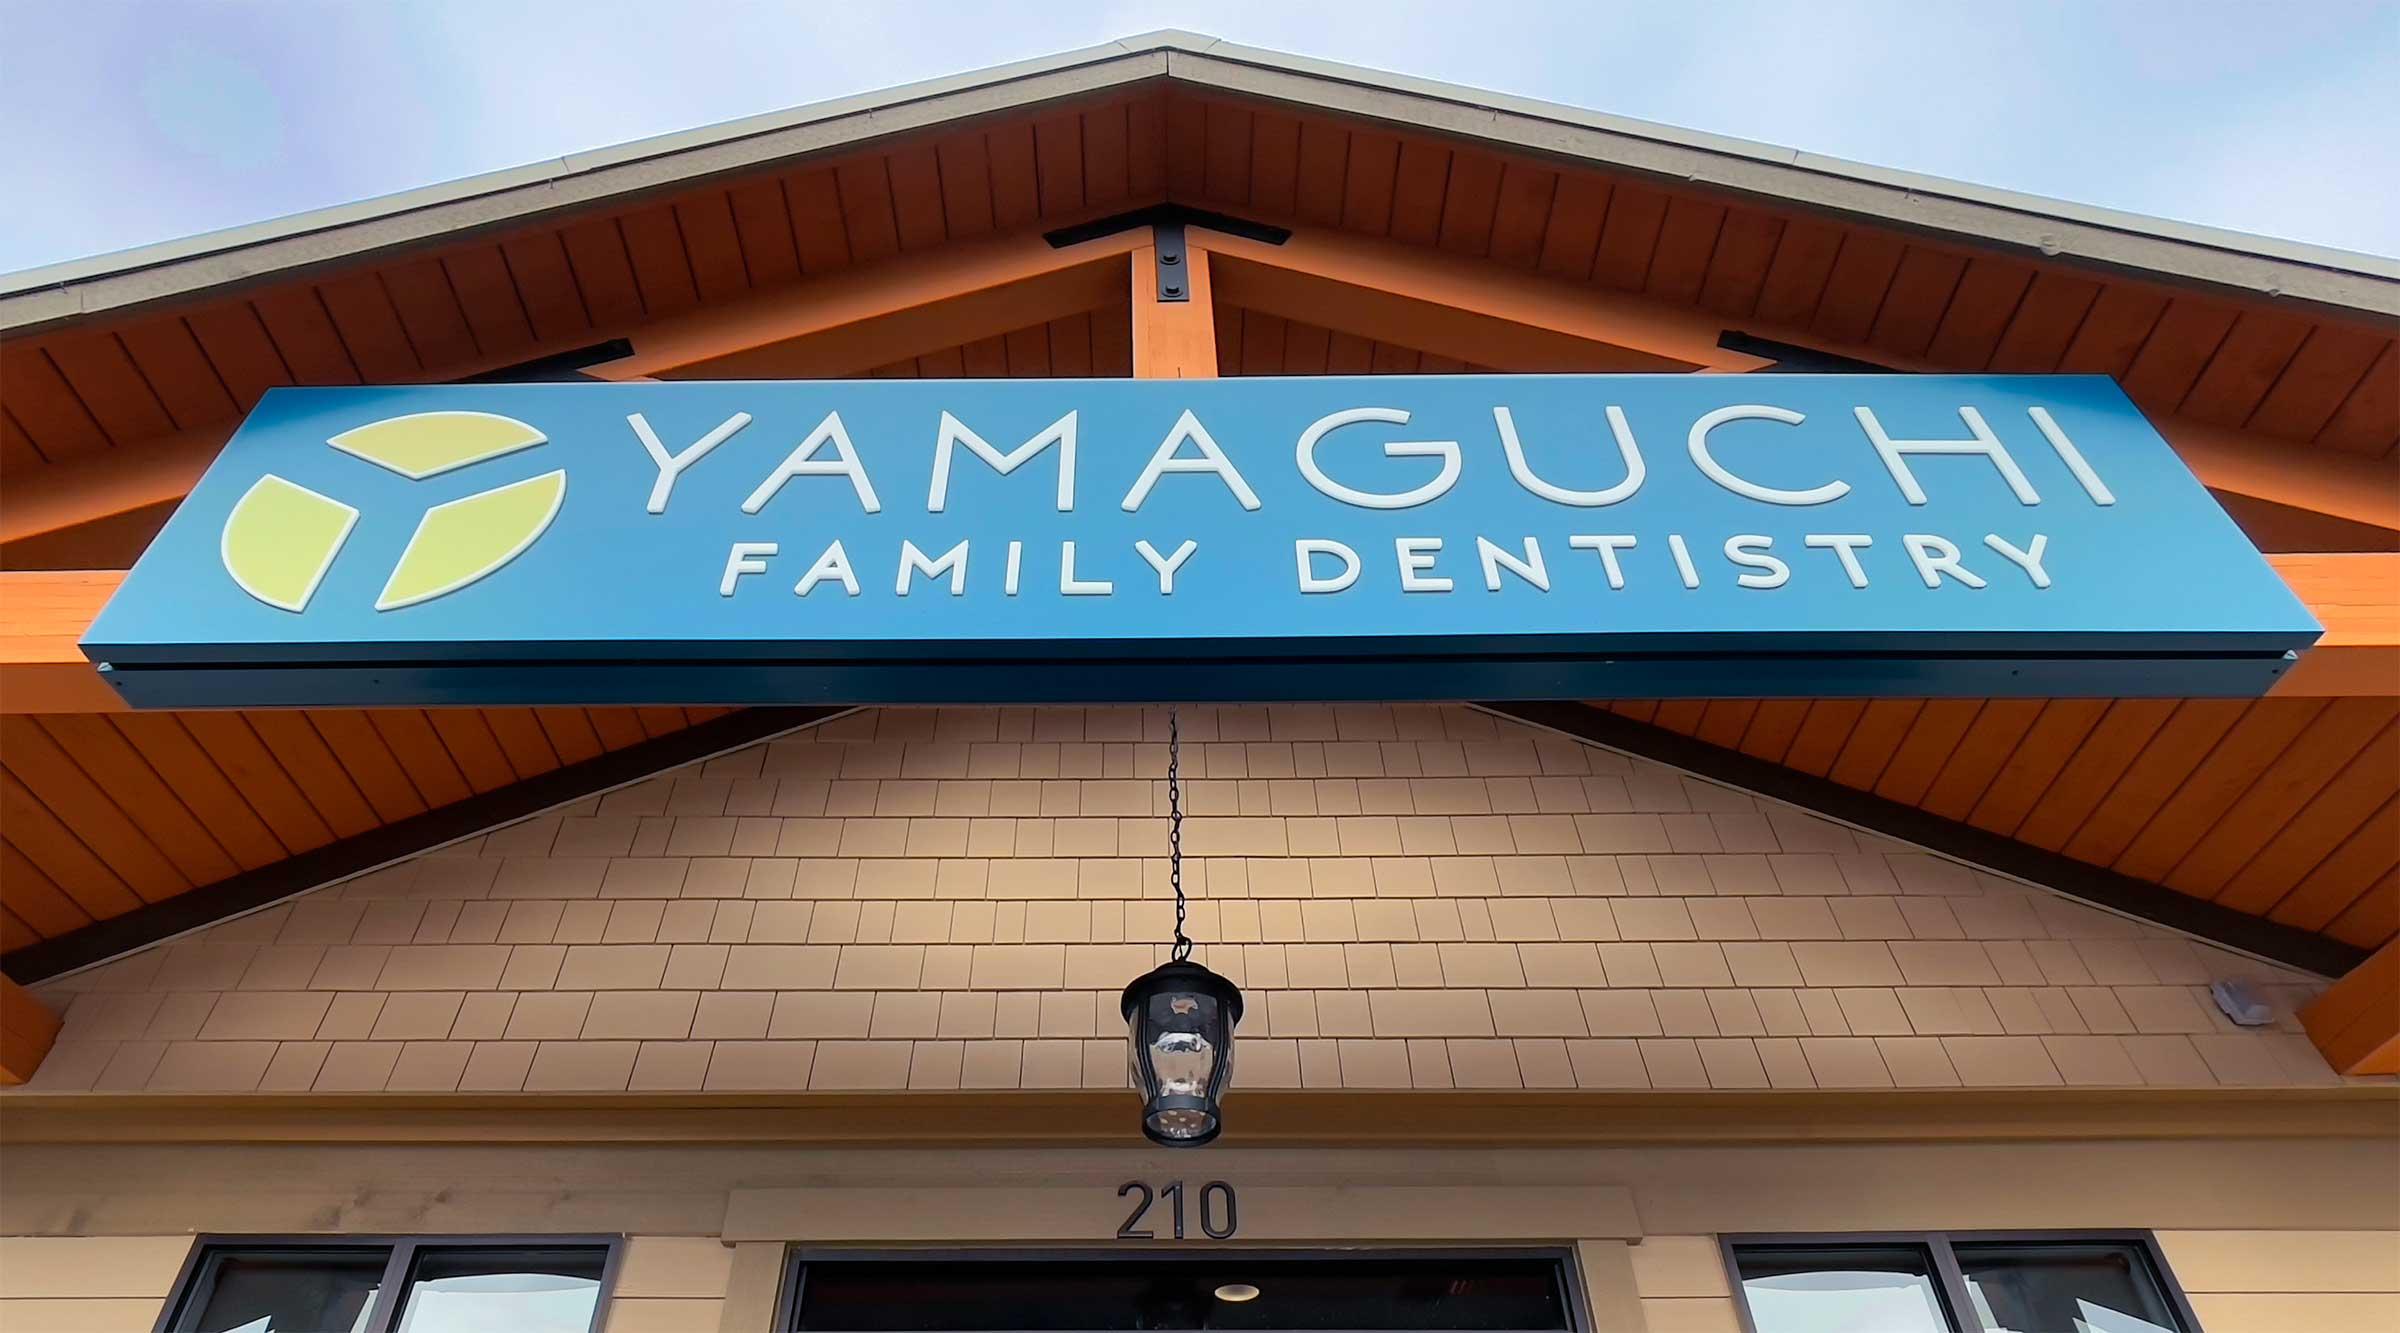 Yamaguchi Family Dentistry - Tumwater Dentist